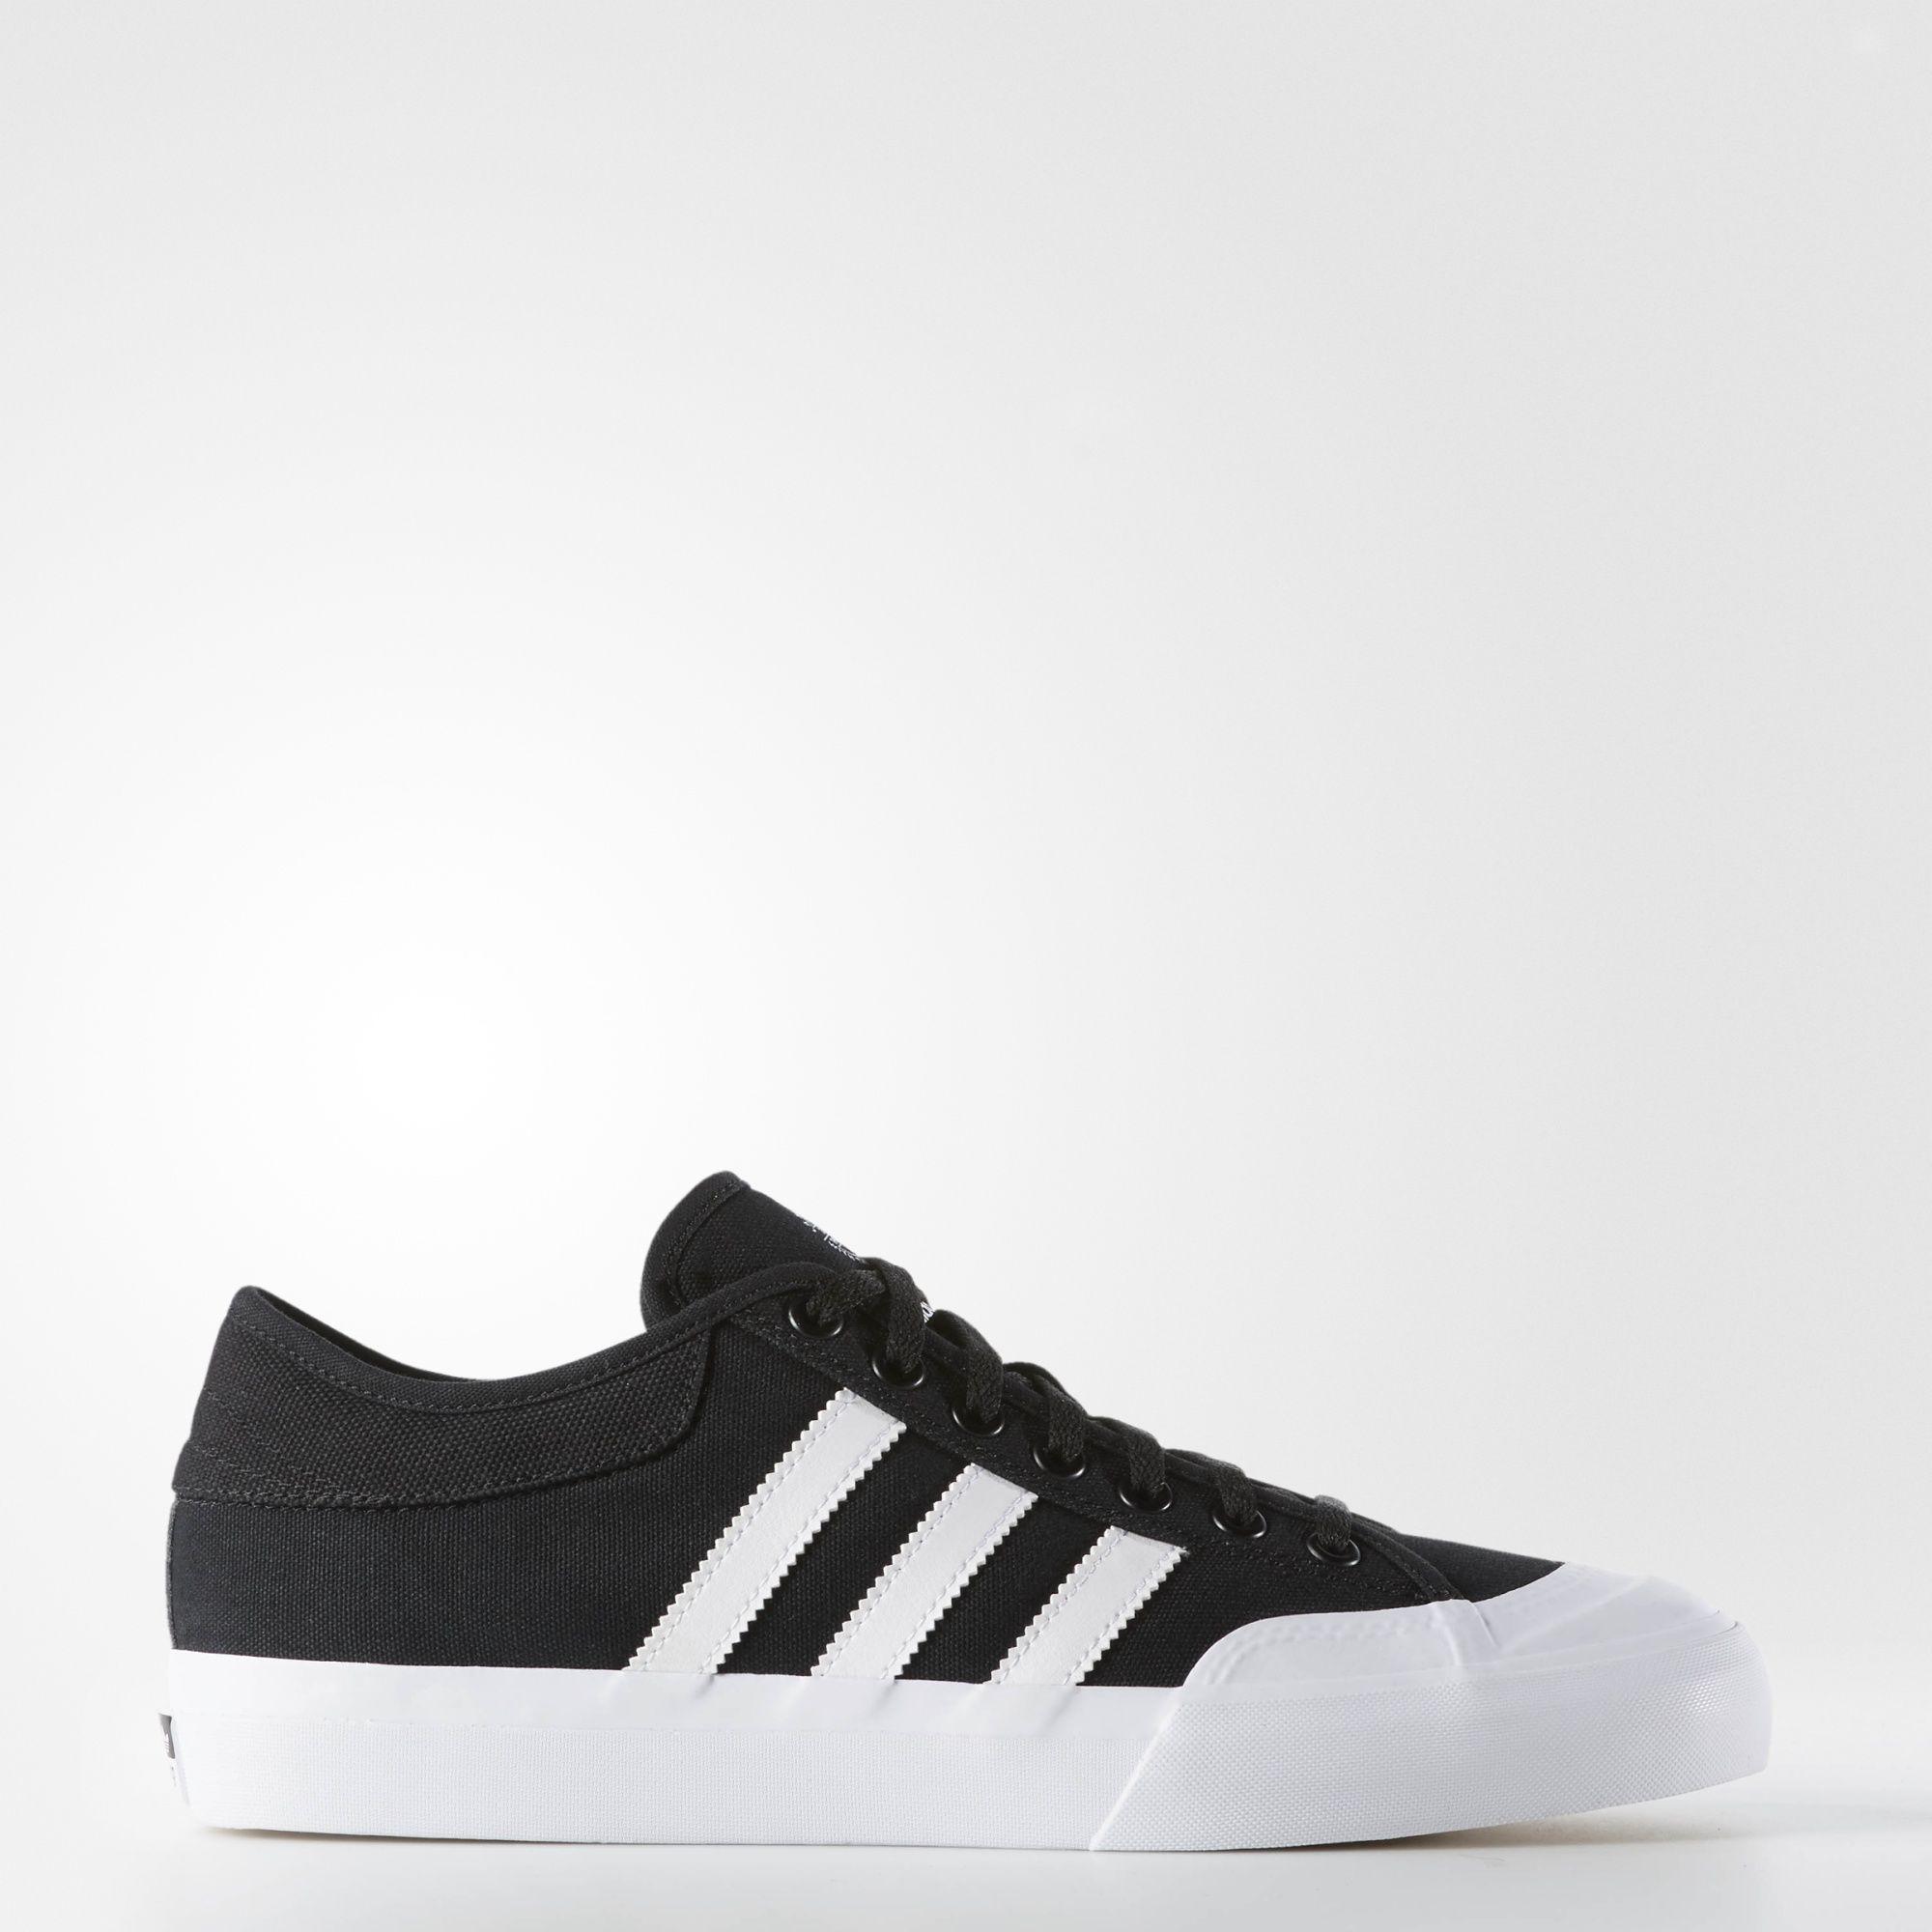 adidas Originals Chaussure  Matchcourt Blanc - Chaussures Basket Homme